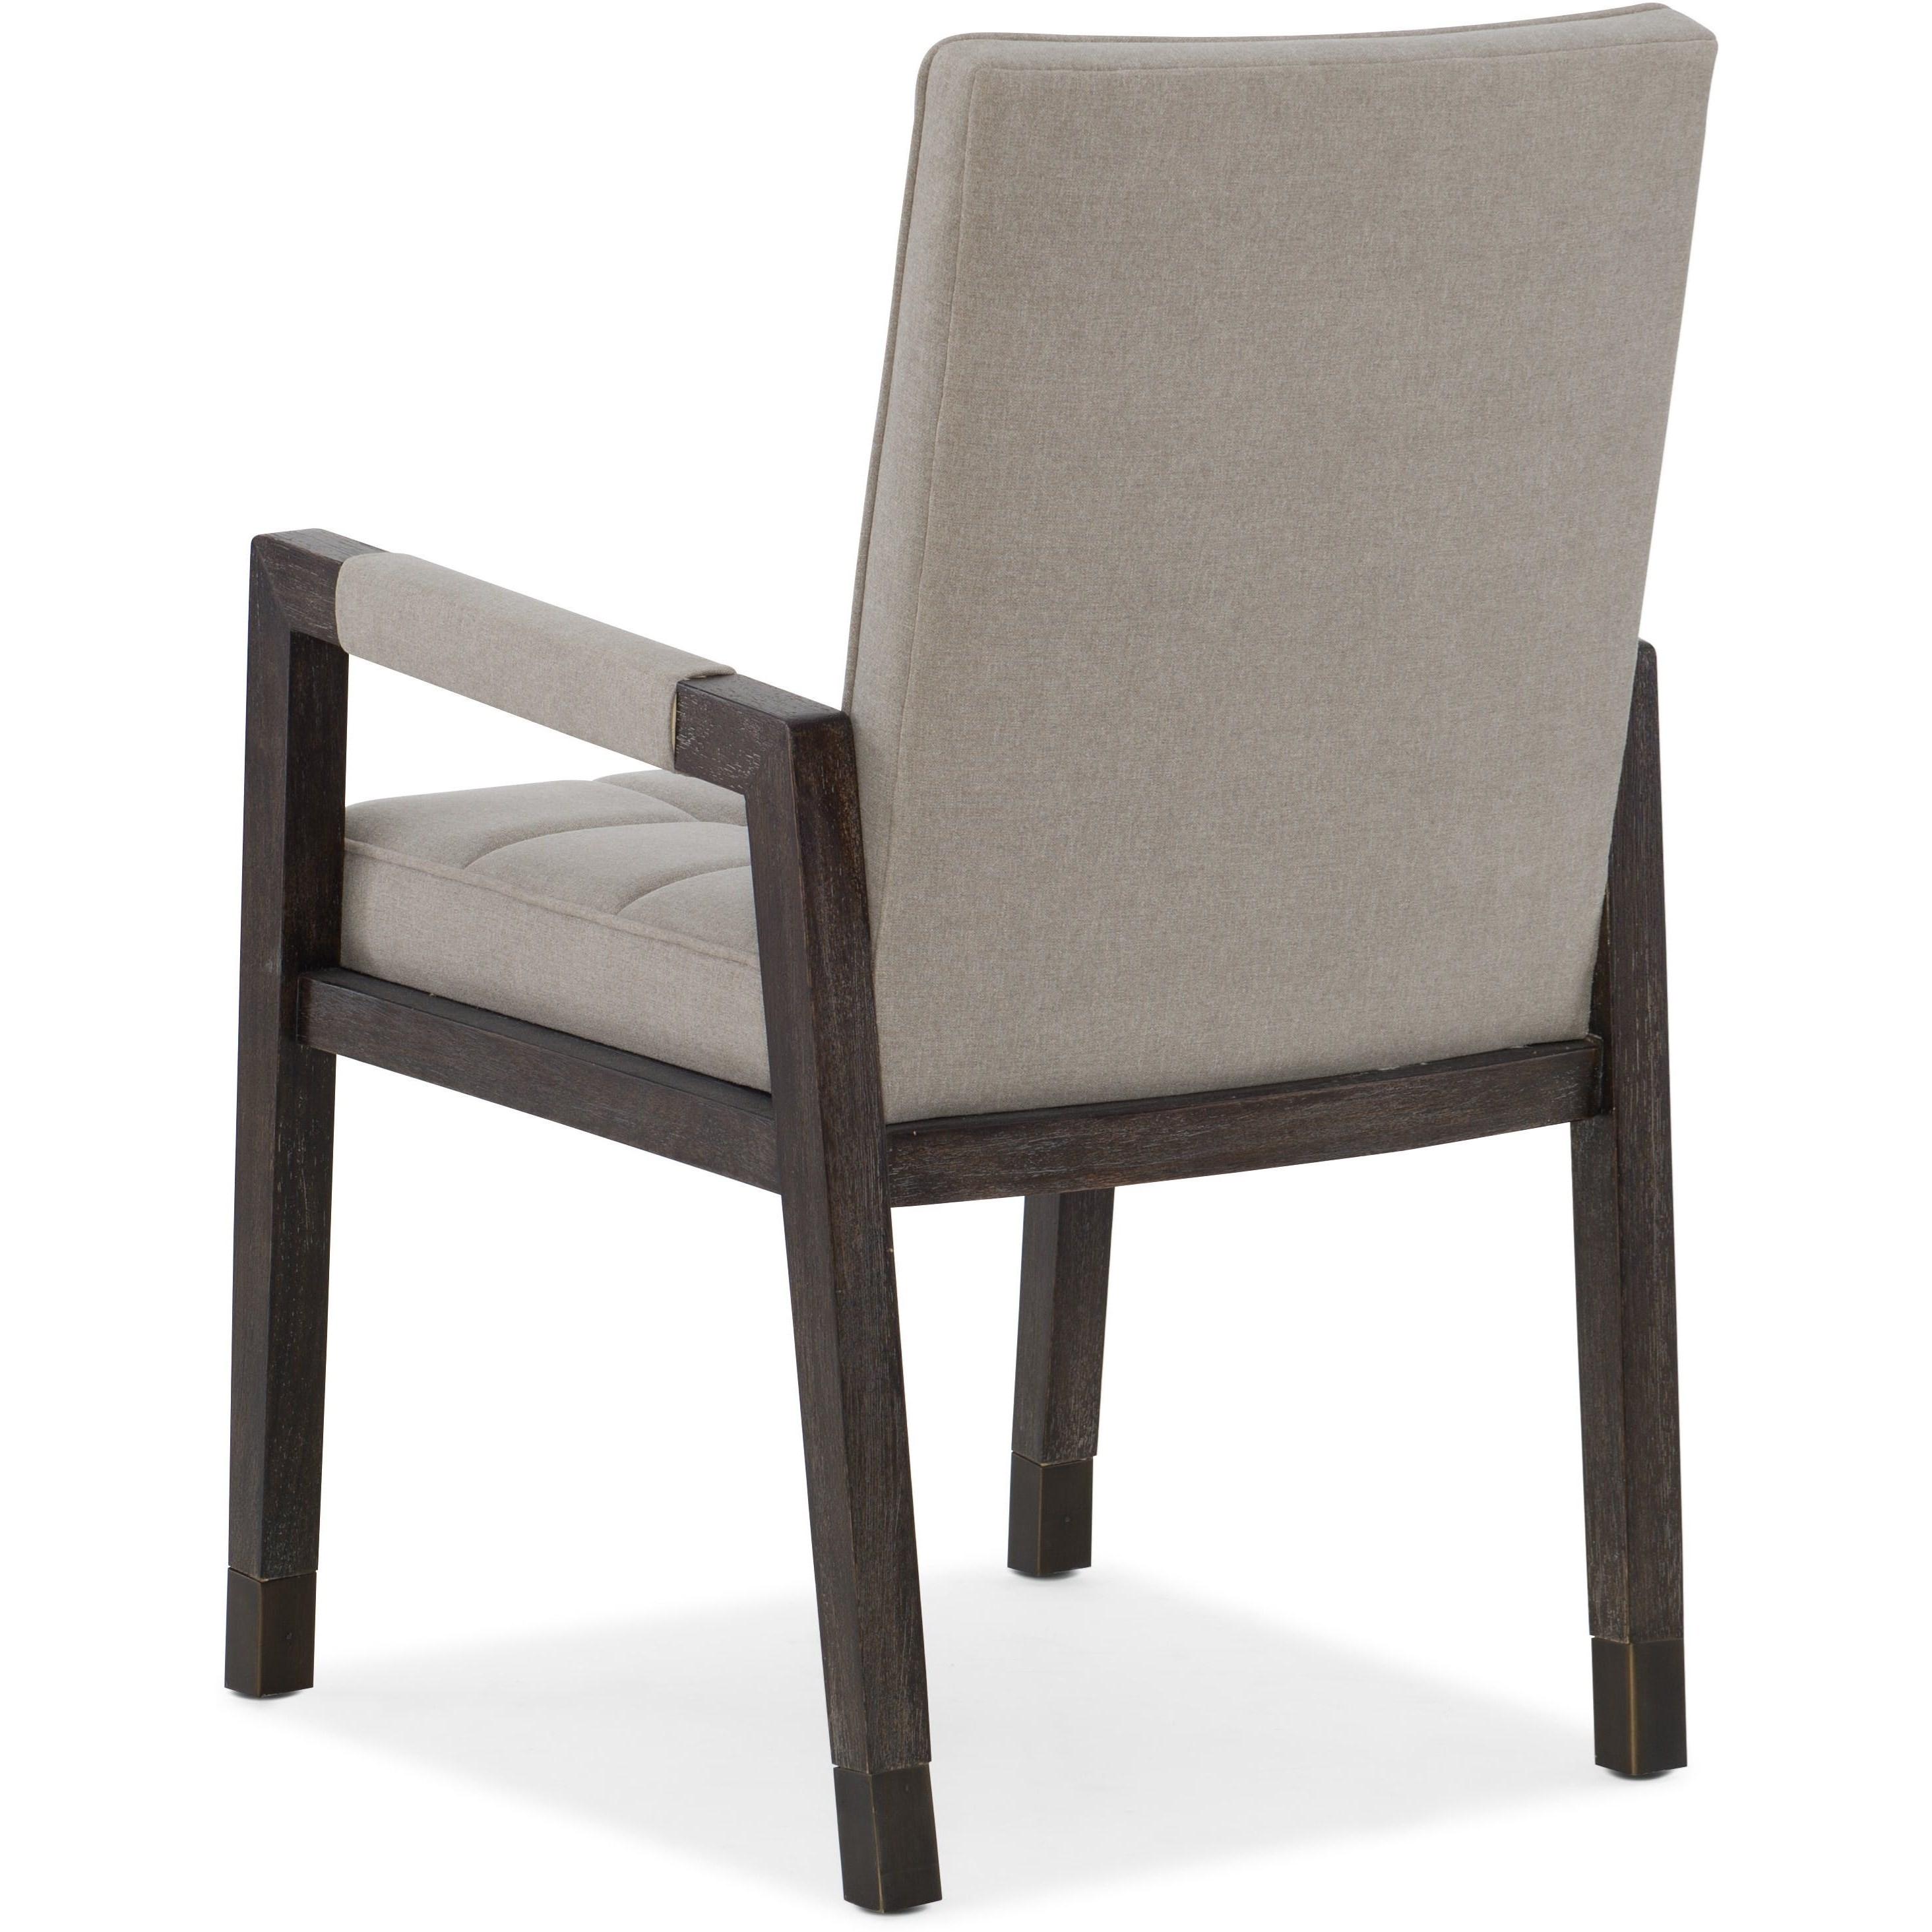 Restoration Hardware Aventura: Hooker Furniture Miramar Aventura Cupertino Upholstered